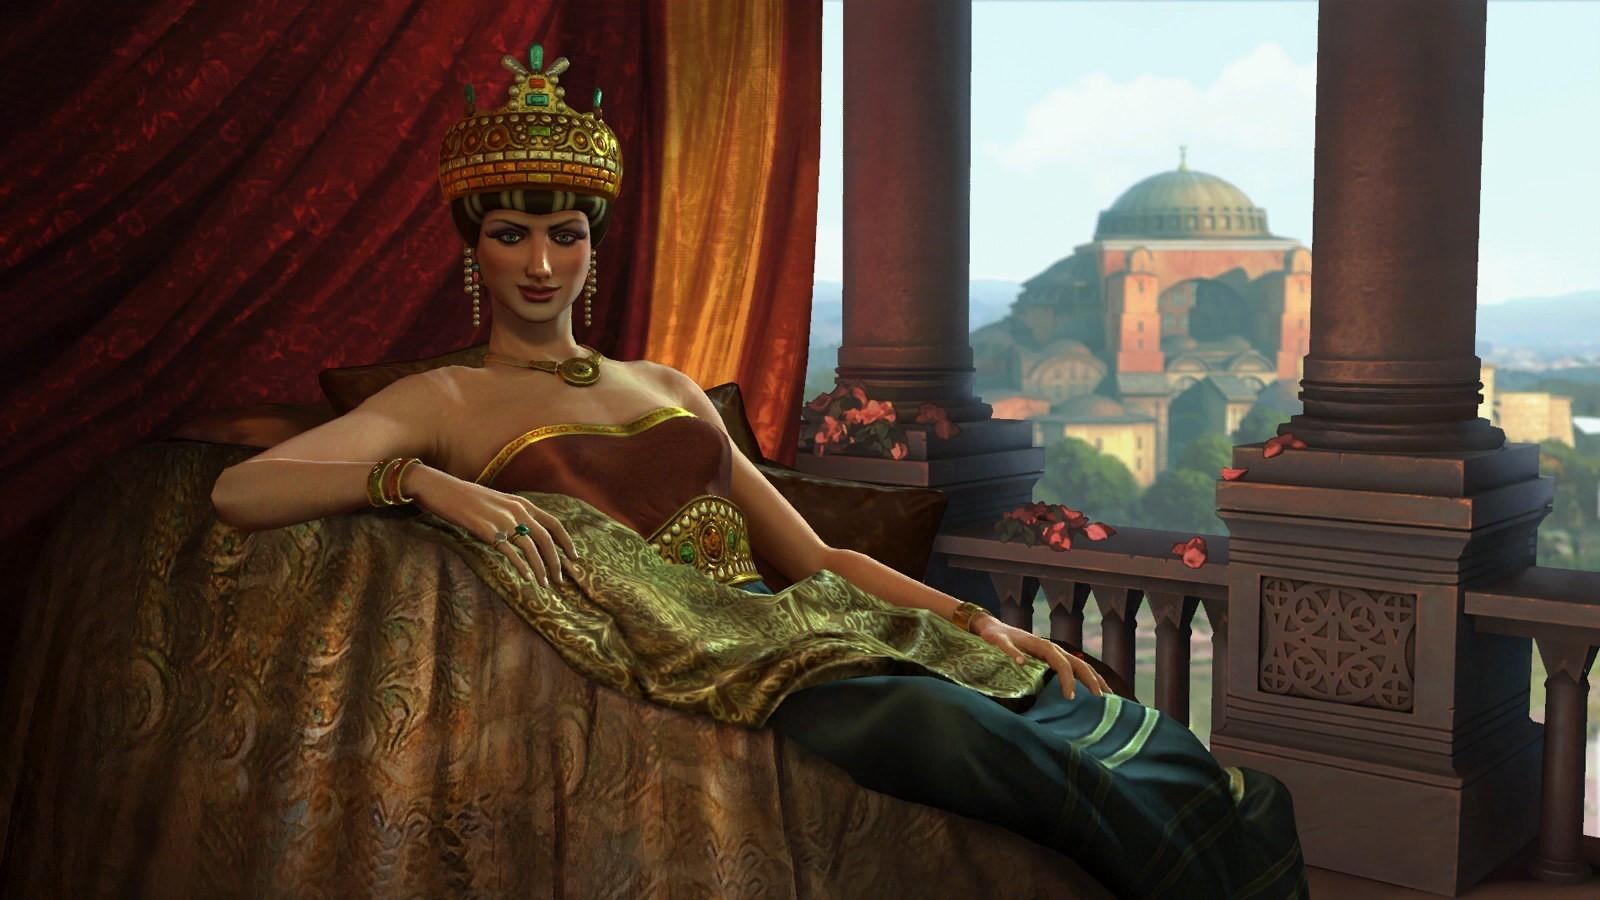 سی دی کی اریجینال استیم بازی Sid Meier's Civilization V - Complete Edition